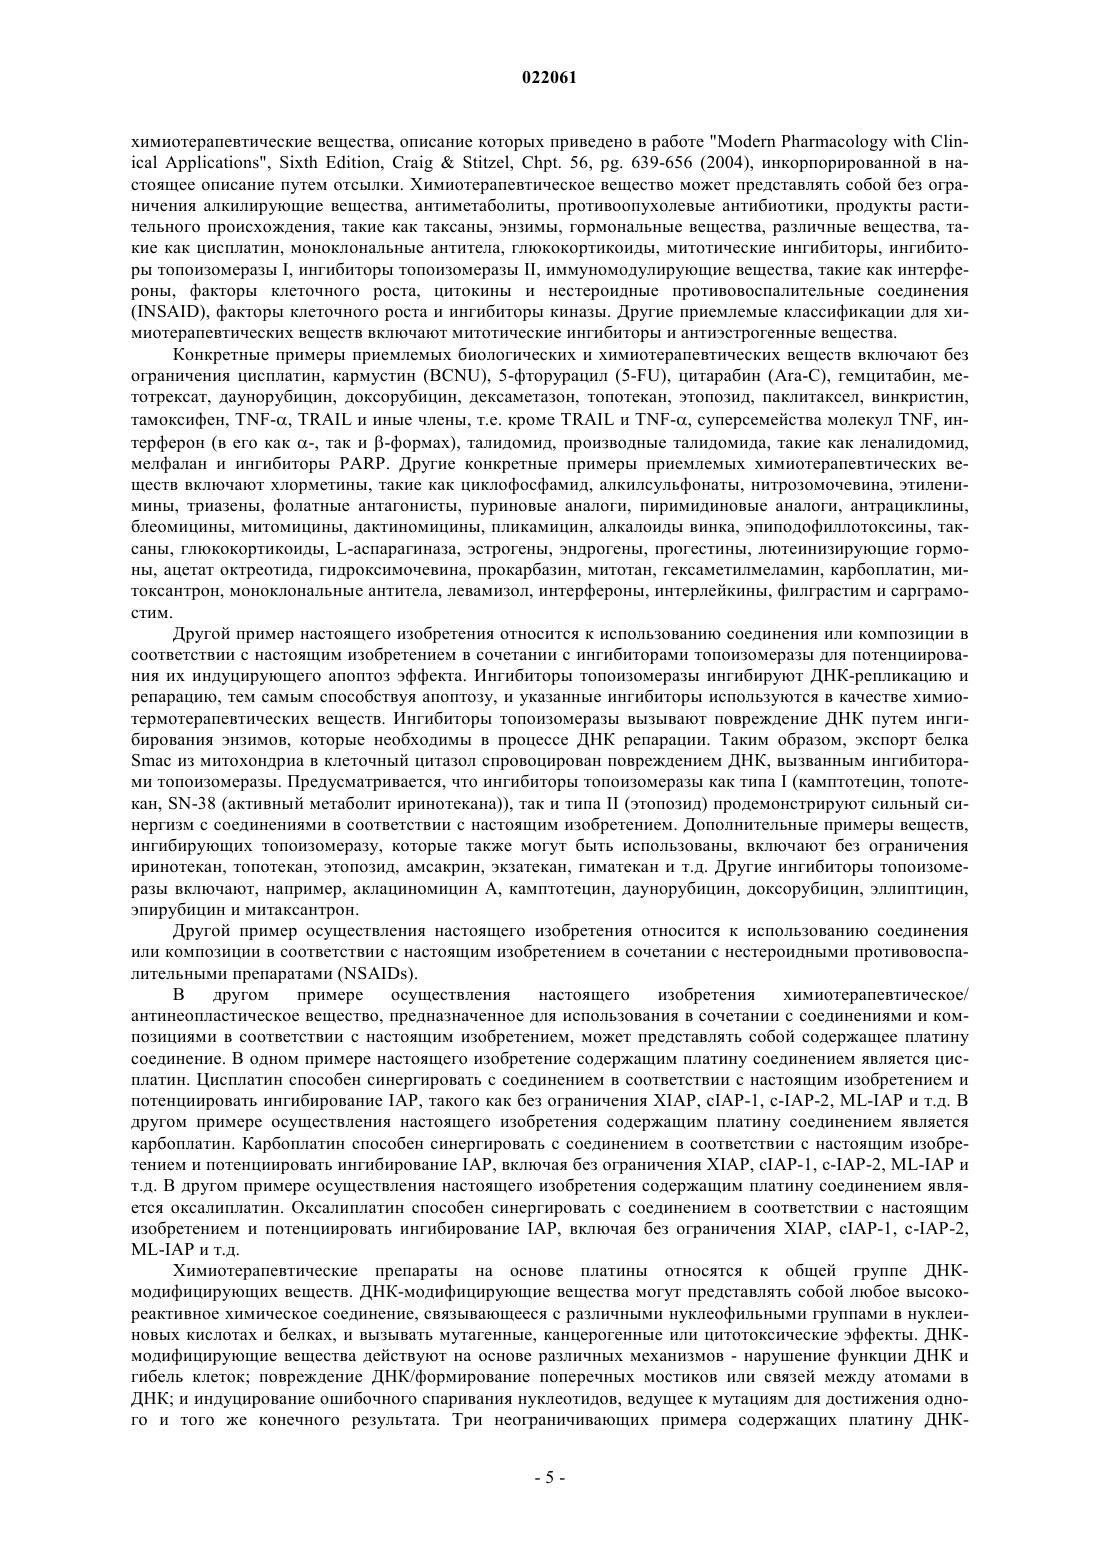 Анализ крови smac Справка о кодировании от алкоголизма Петровско-Разумовская